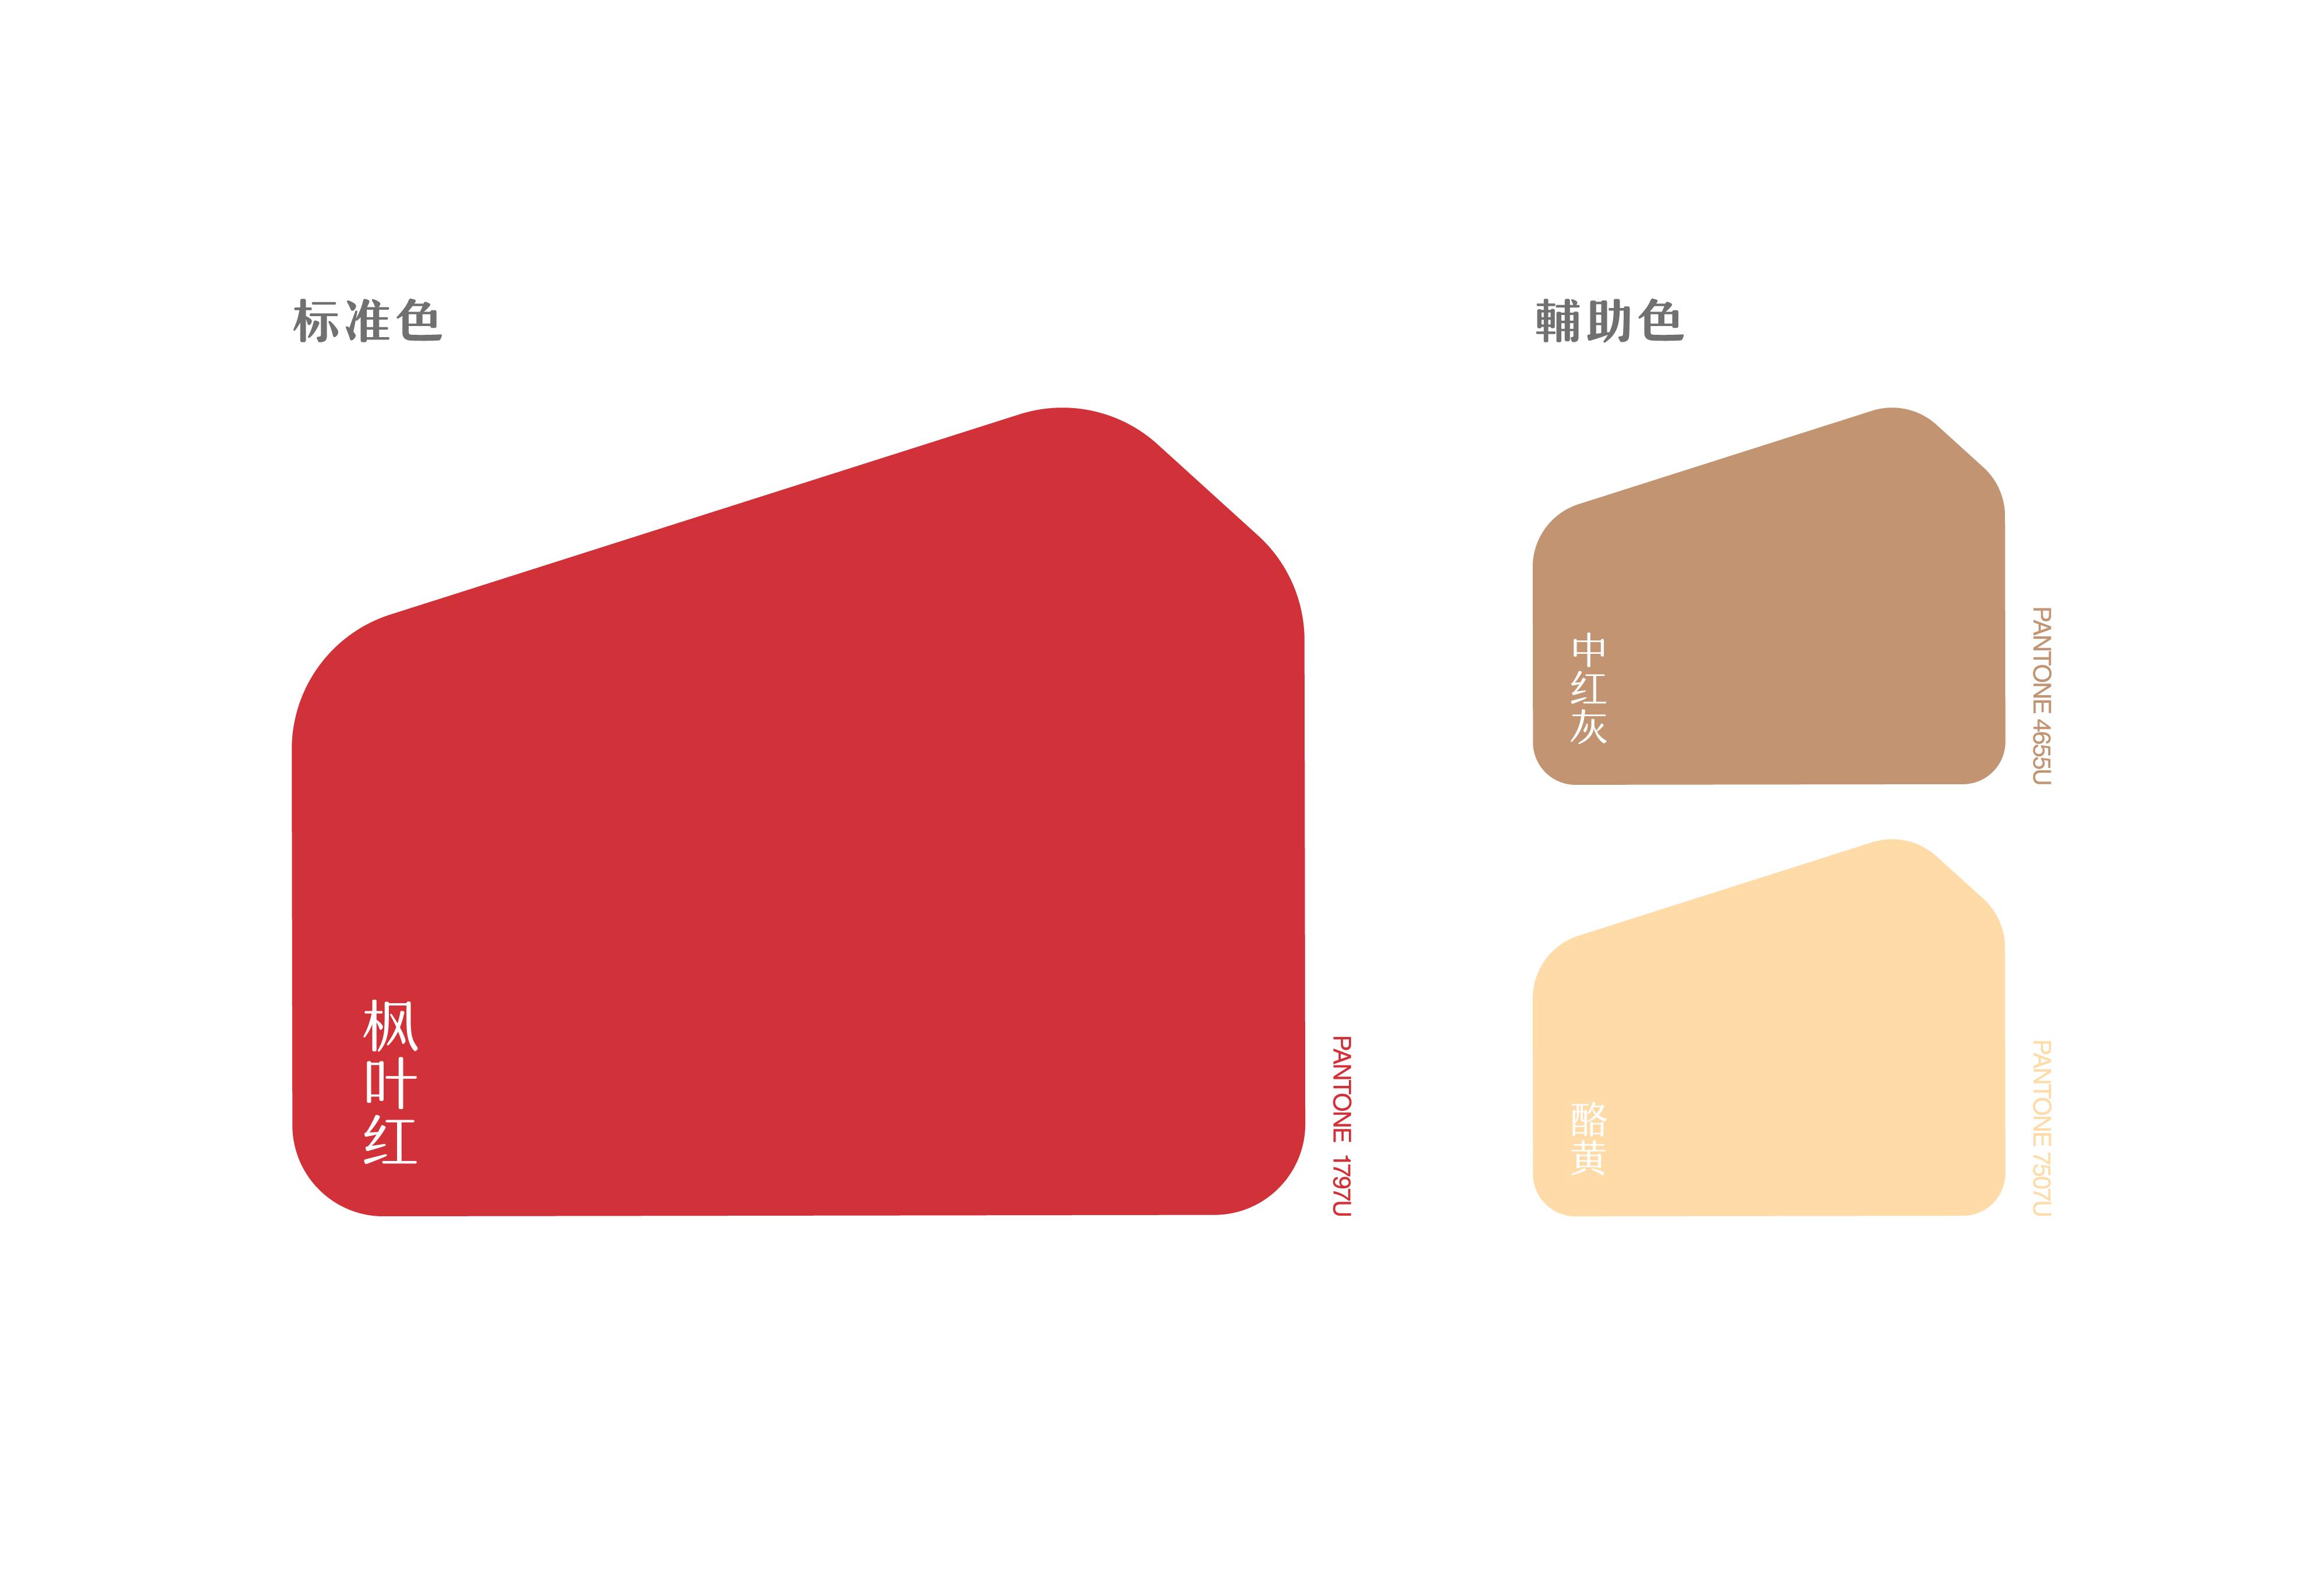 色卡_画板 1.jpg